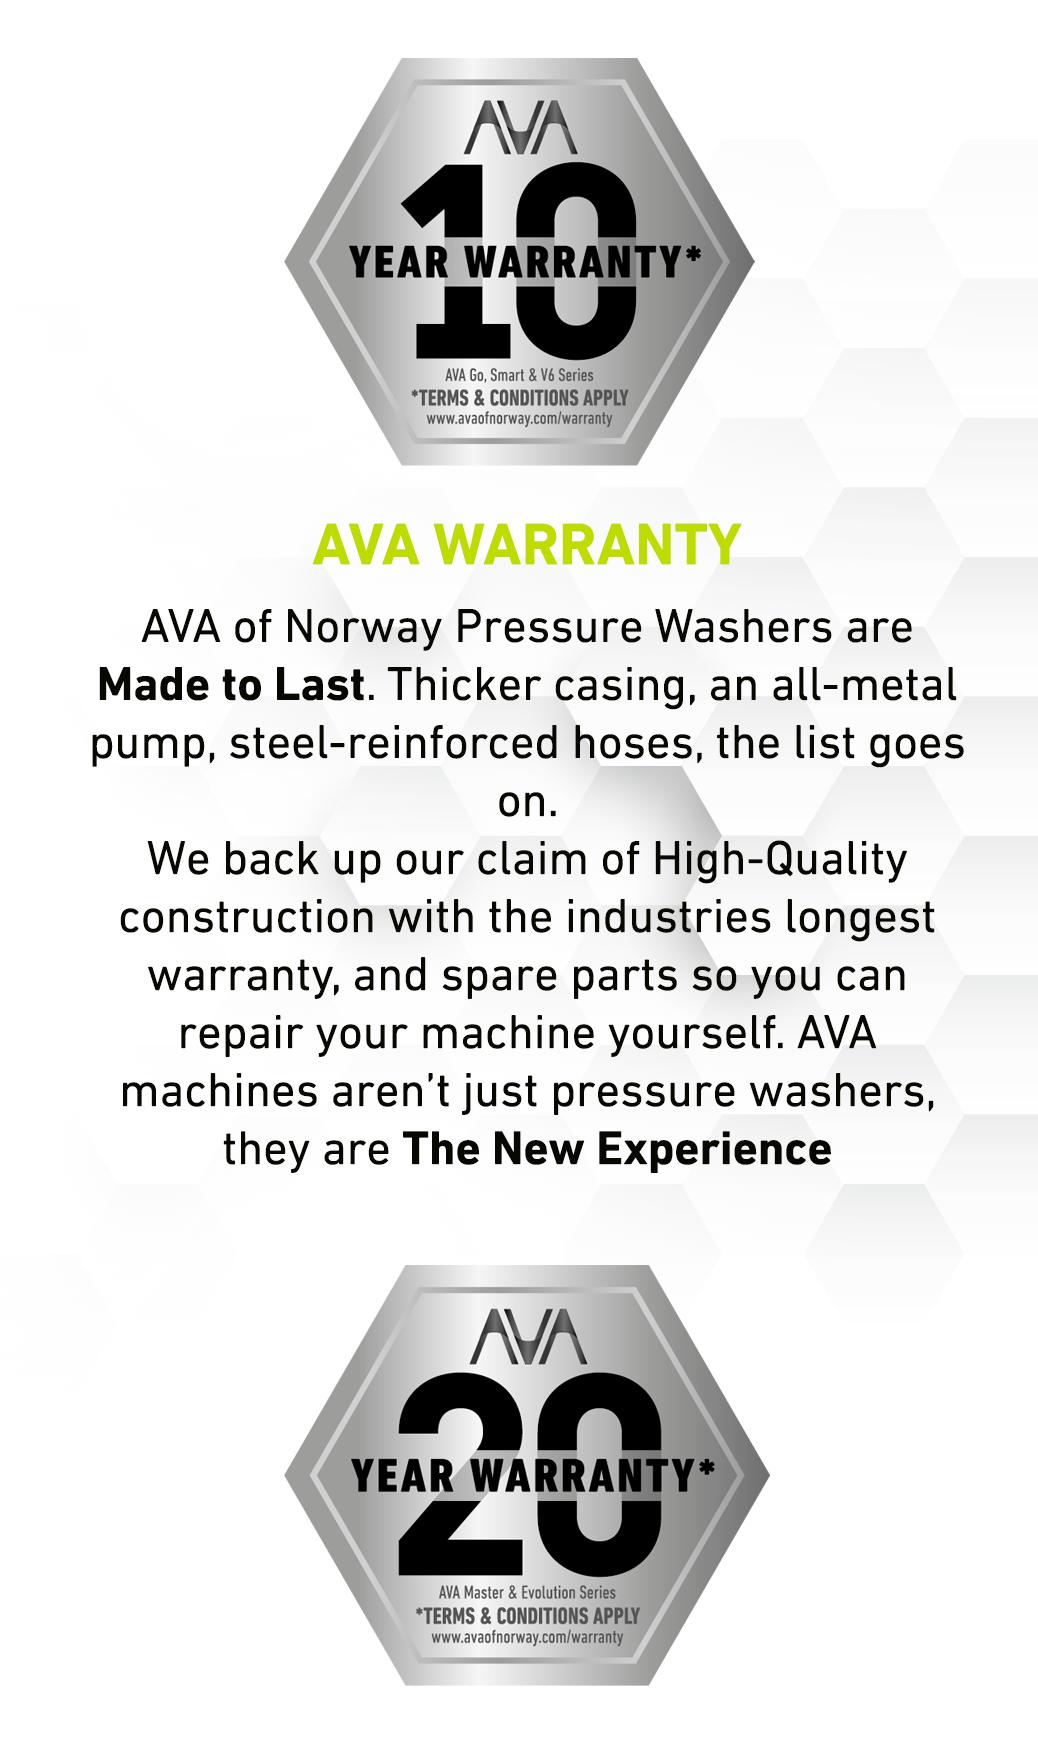 AVA Warranty image